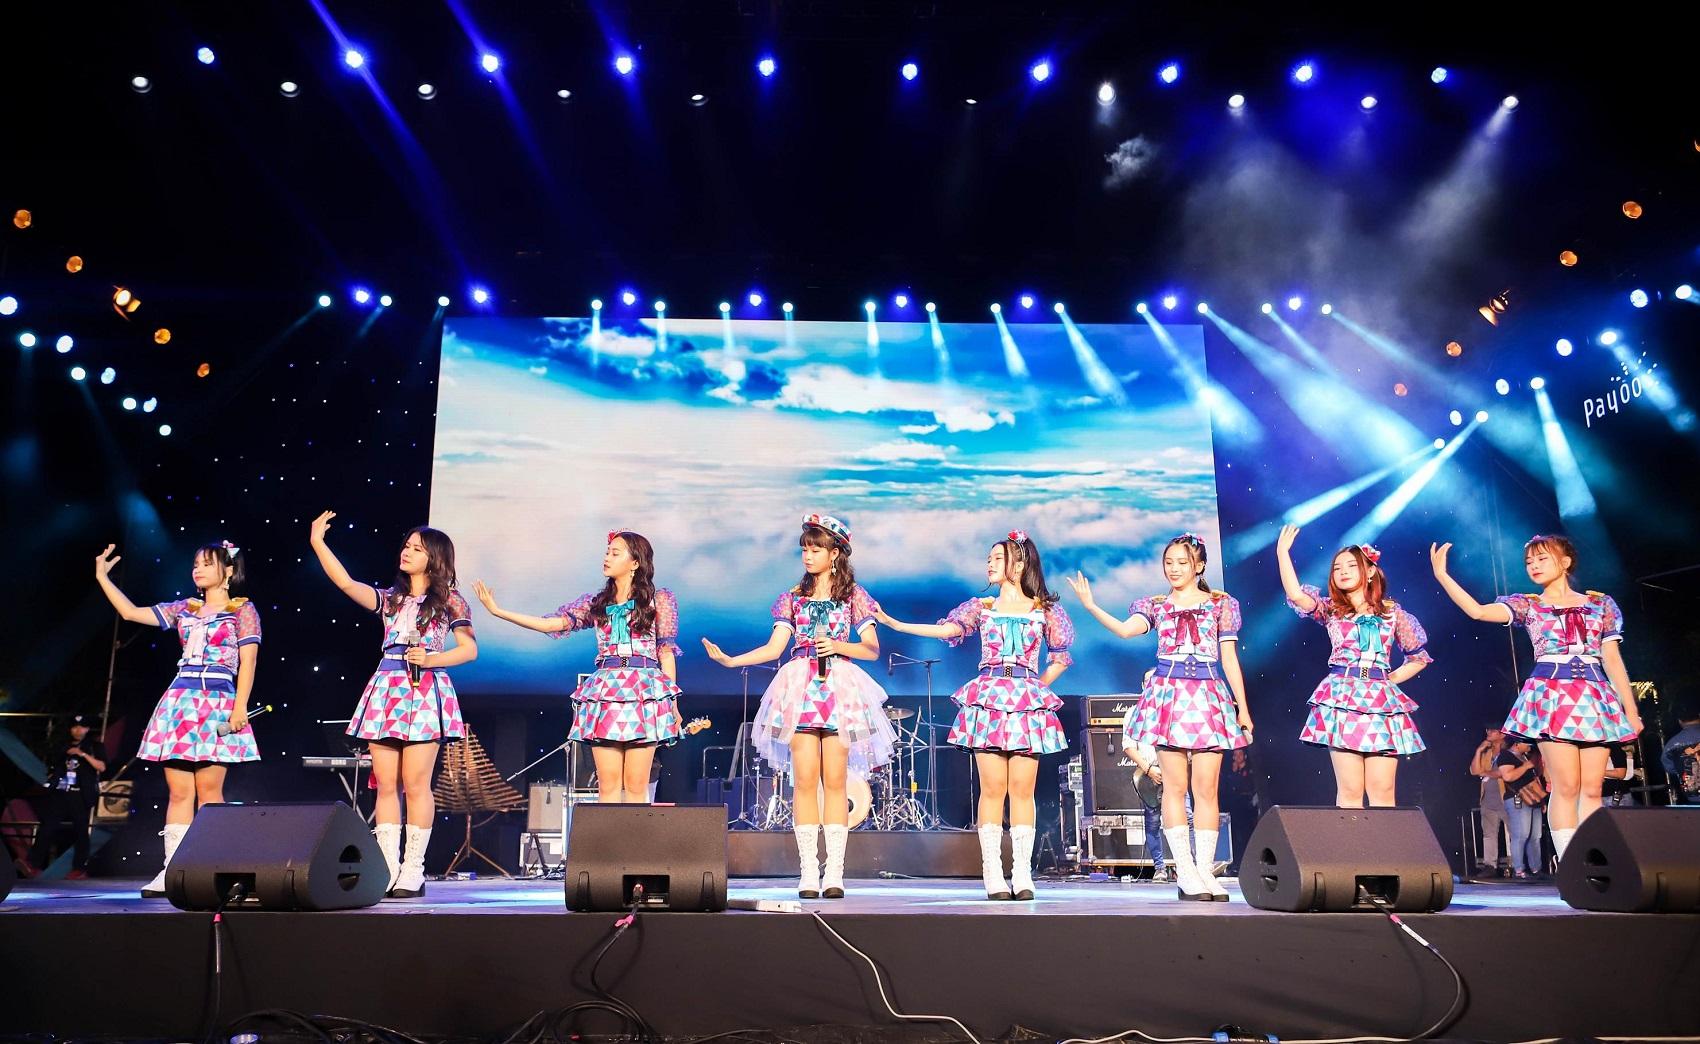 SGO48 tự tin đứng chung sân khấu với các nghệ sĩ tầm cỡ quốc tế